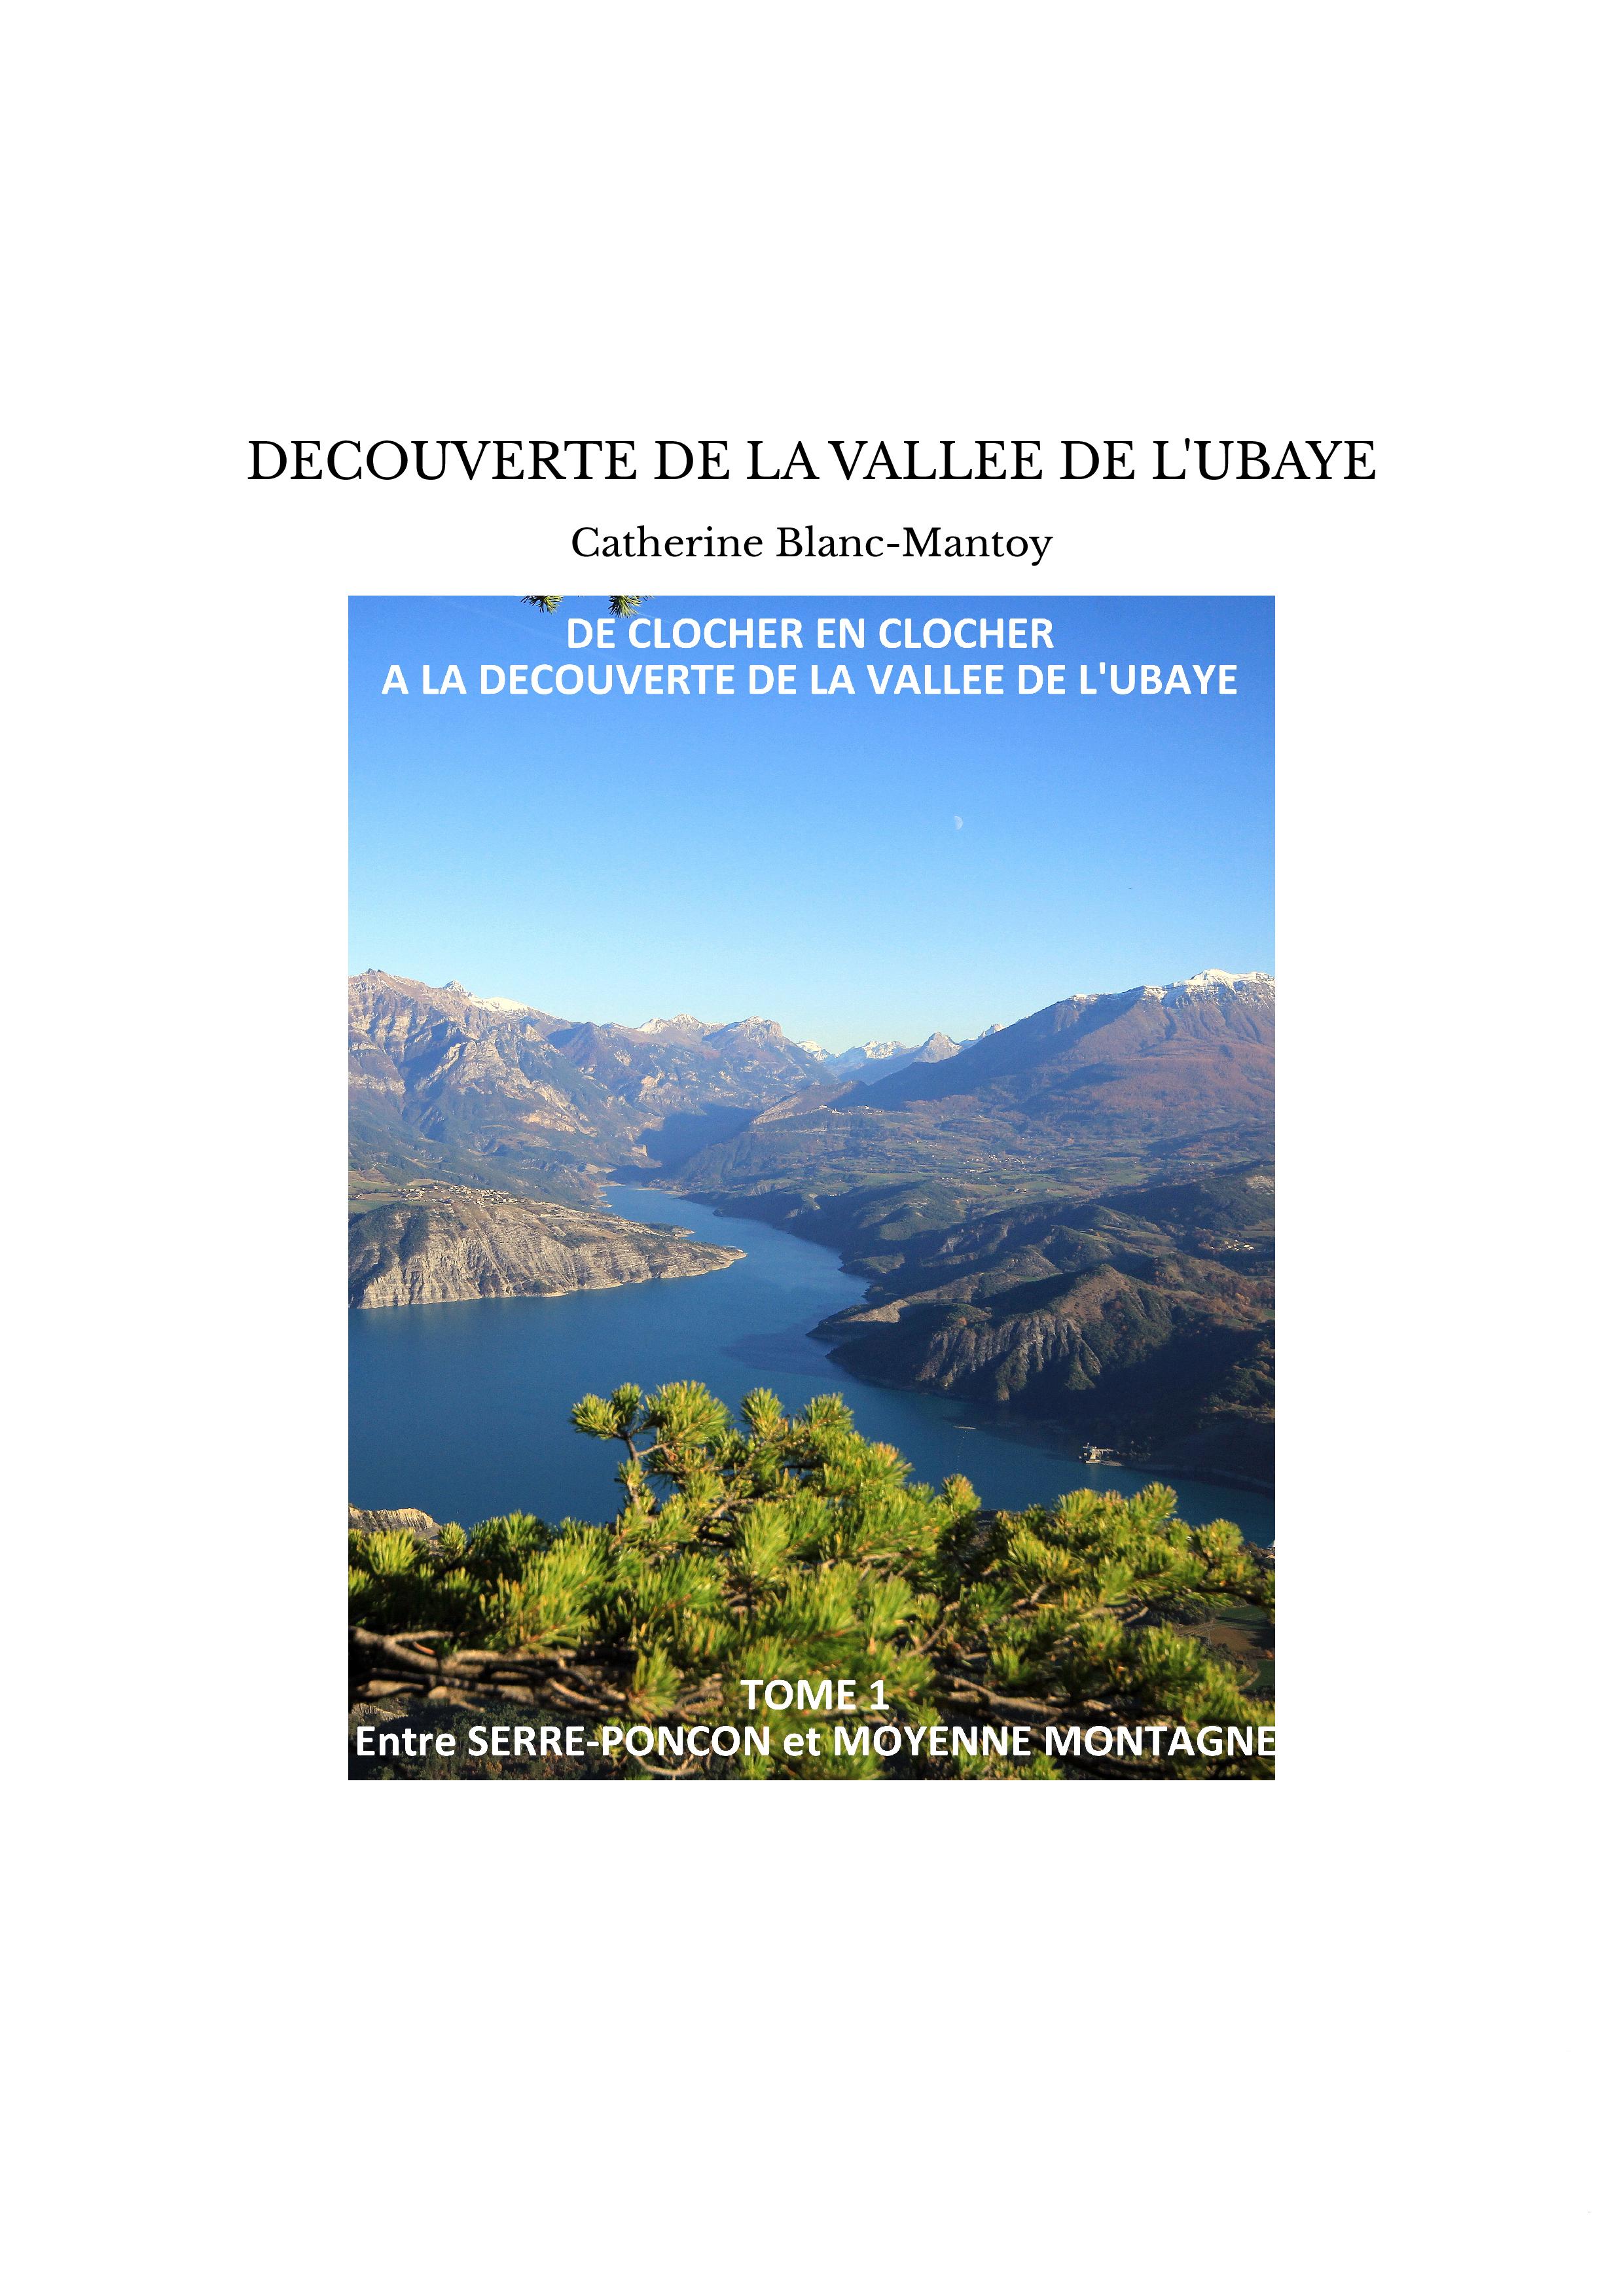 DECOUVERTE DE LA VALLEE DE L'UBAYE